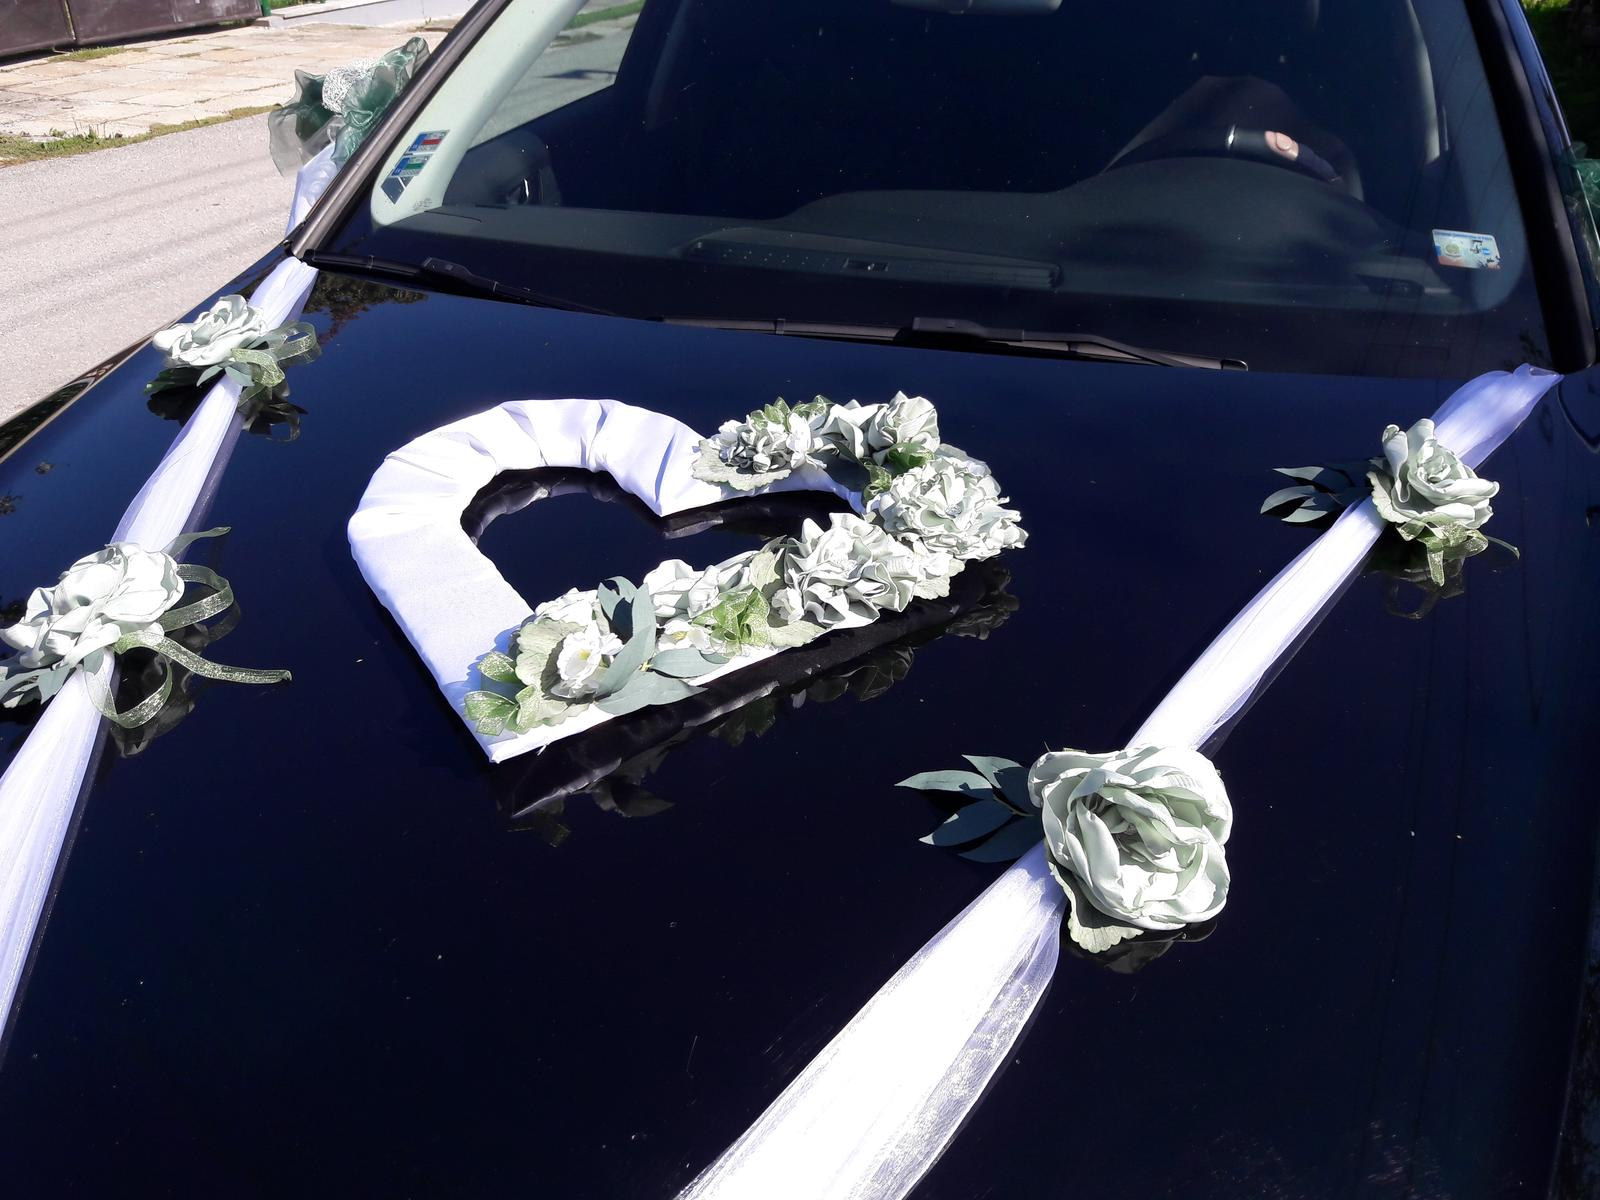 Greenery wedding - skladom - 29 eur s maslami na zrkadlach